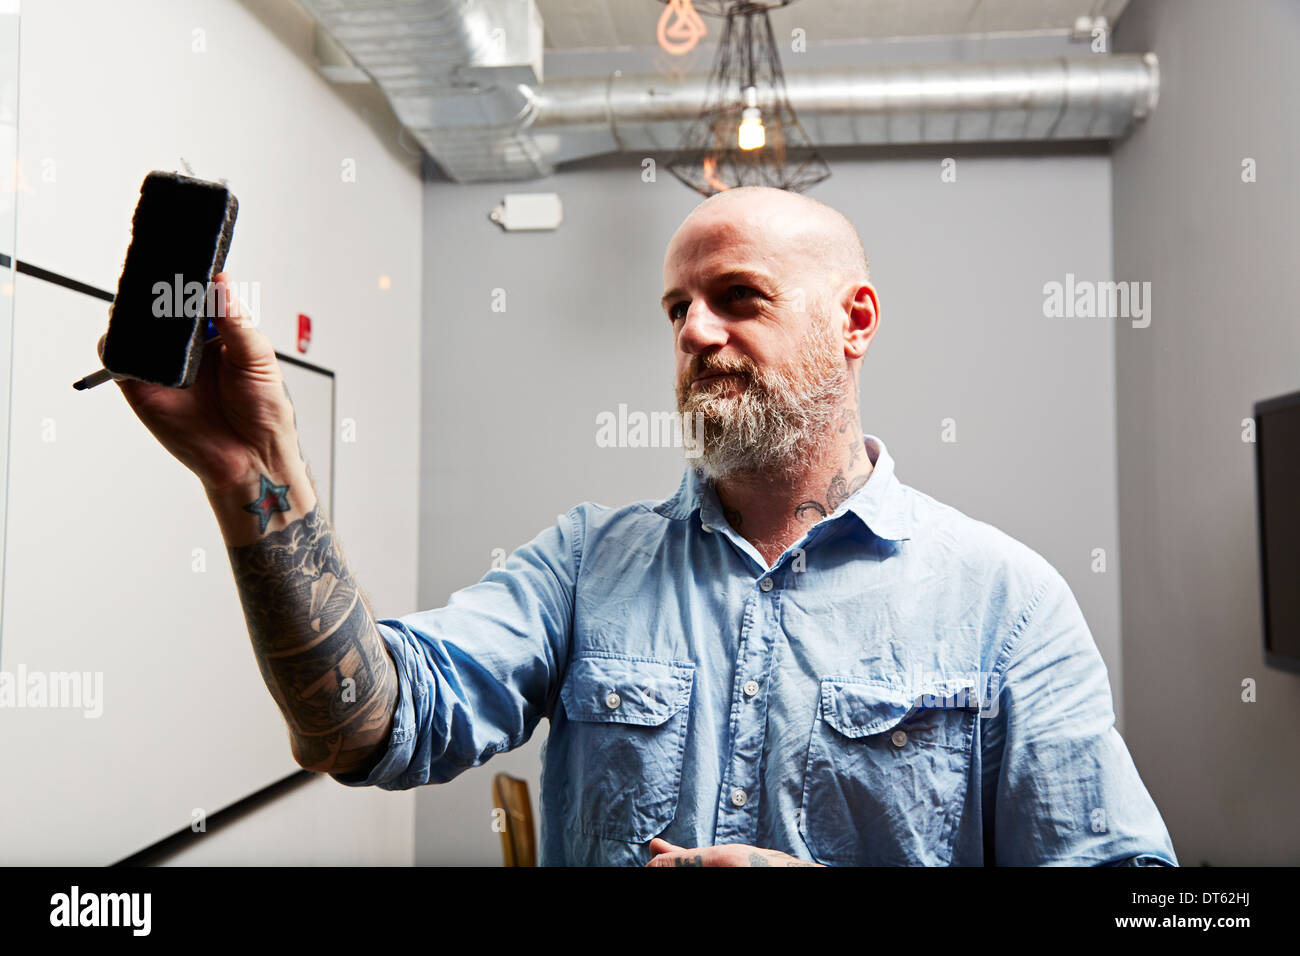 Uomo maturo mediante whiteboard eraser Immagini Stock